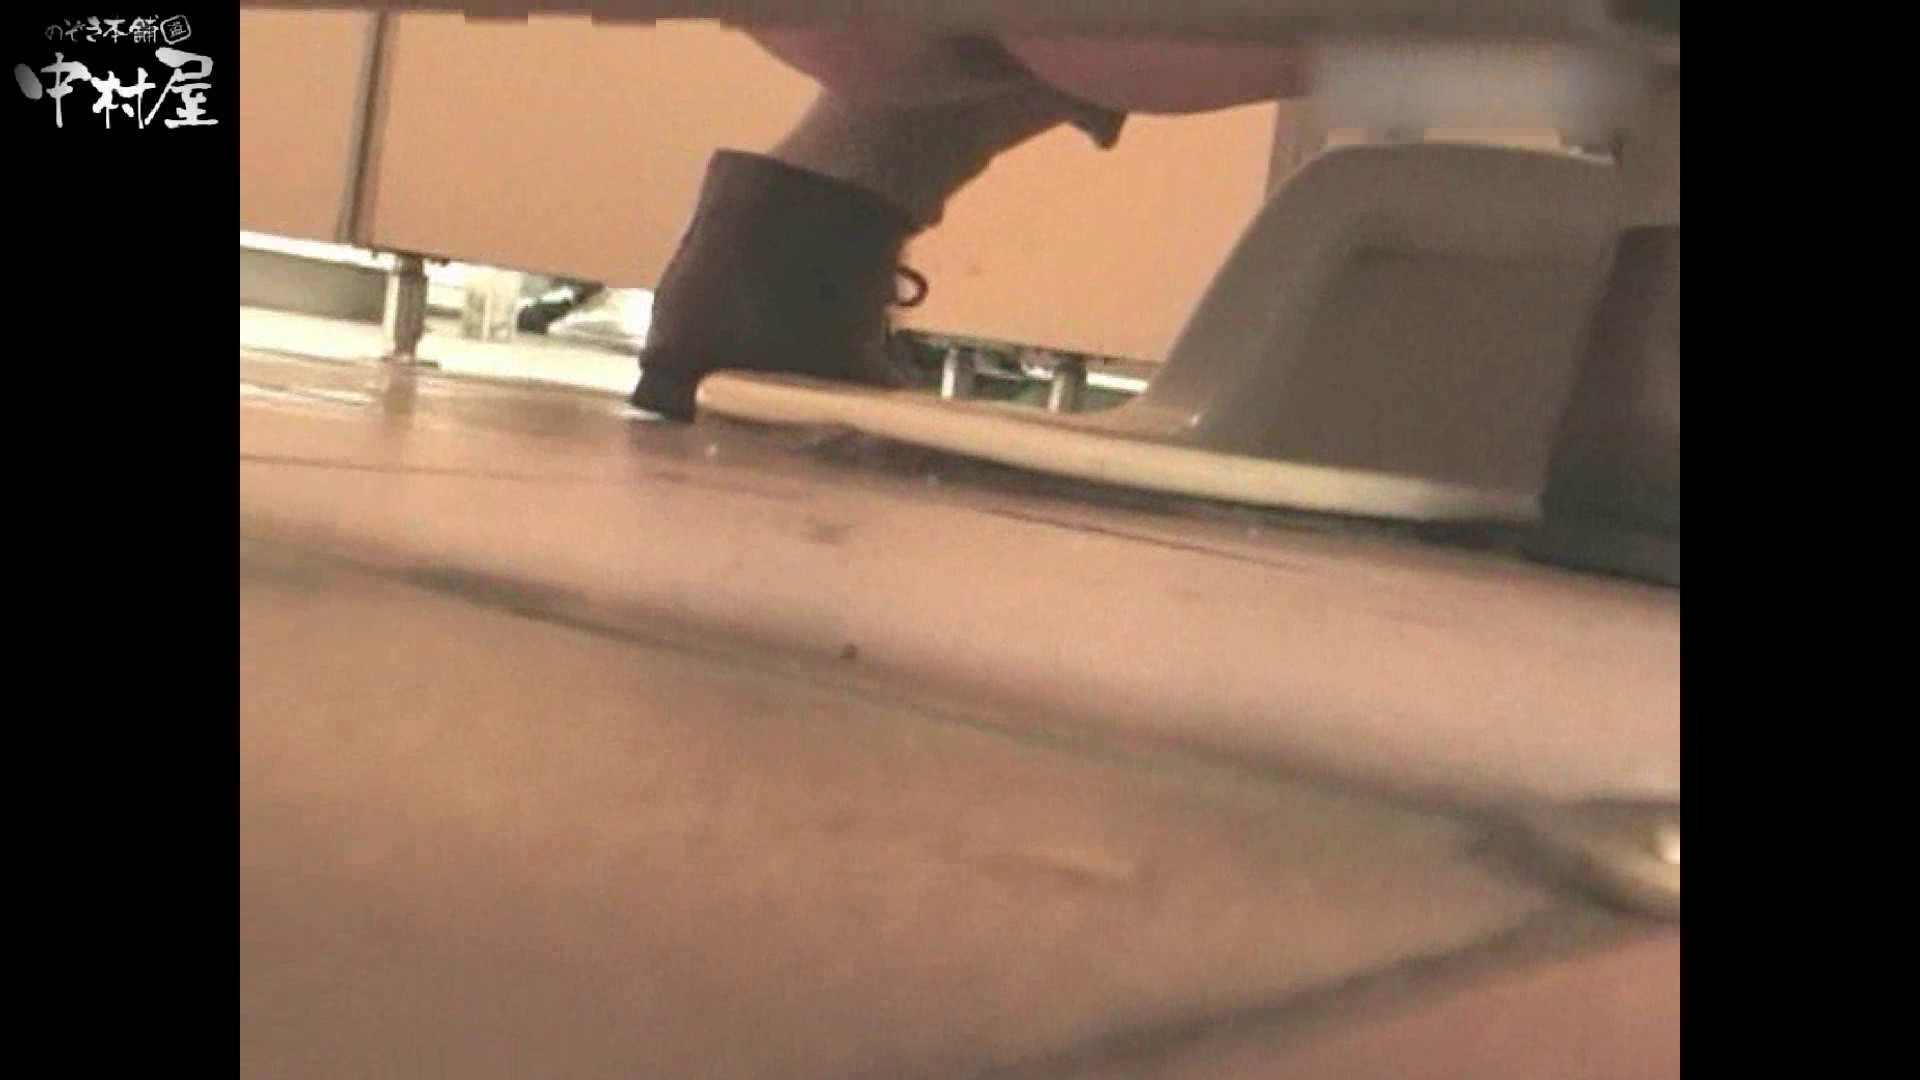 岩手県在住盗撮師盗撮記録vol.09 オマンコ特集 ワレメ動画紹介 110pic 104